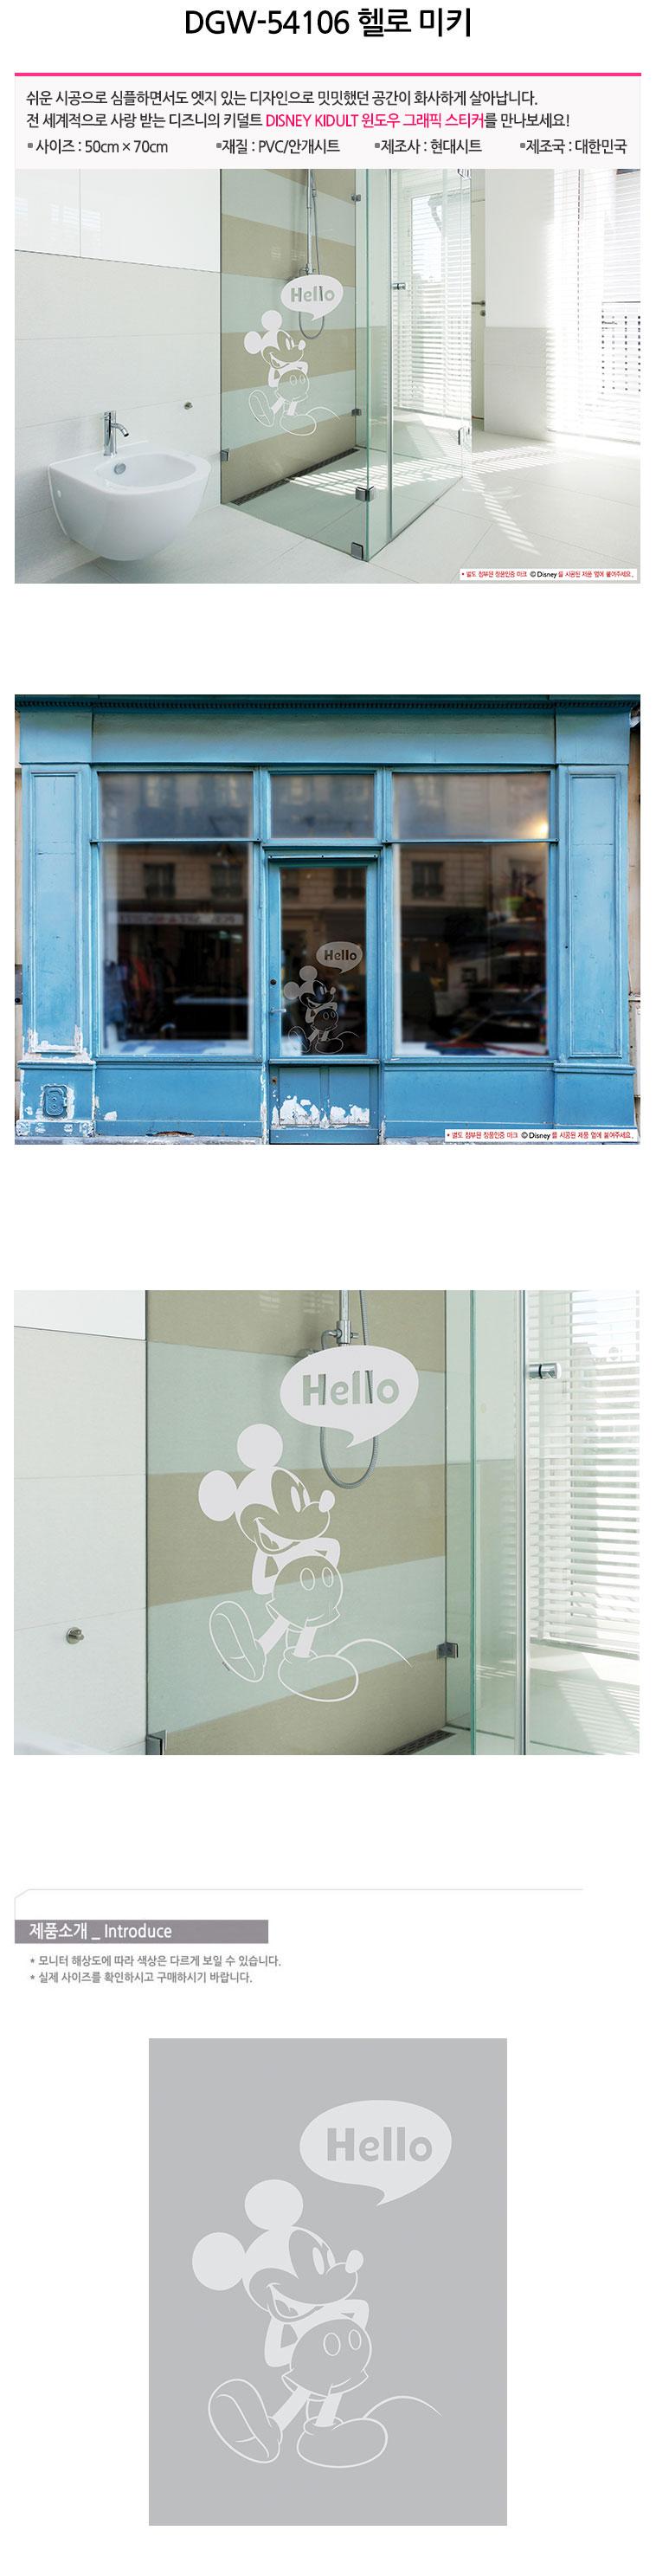 디즈니 키덜트 미키 미니 데코스티커 창문 꾸미기 - 케이알인터내셔날, 5,500원, 월데코스티커, 사물/동물